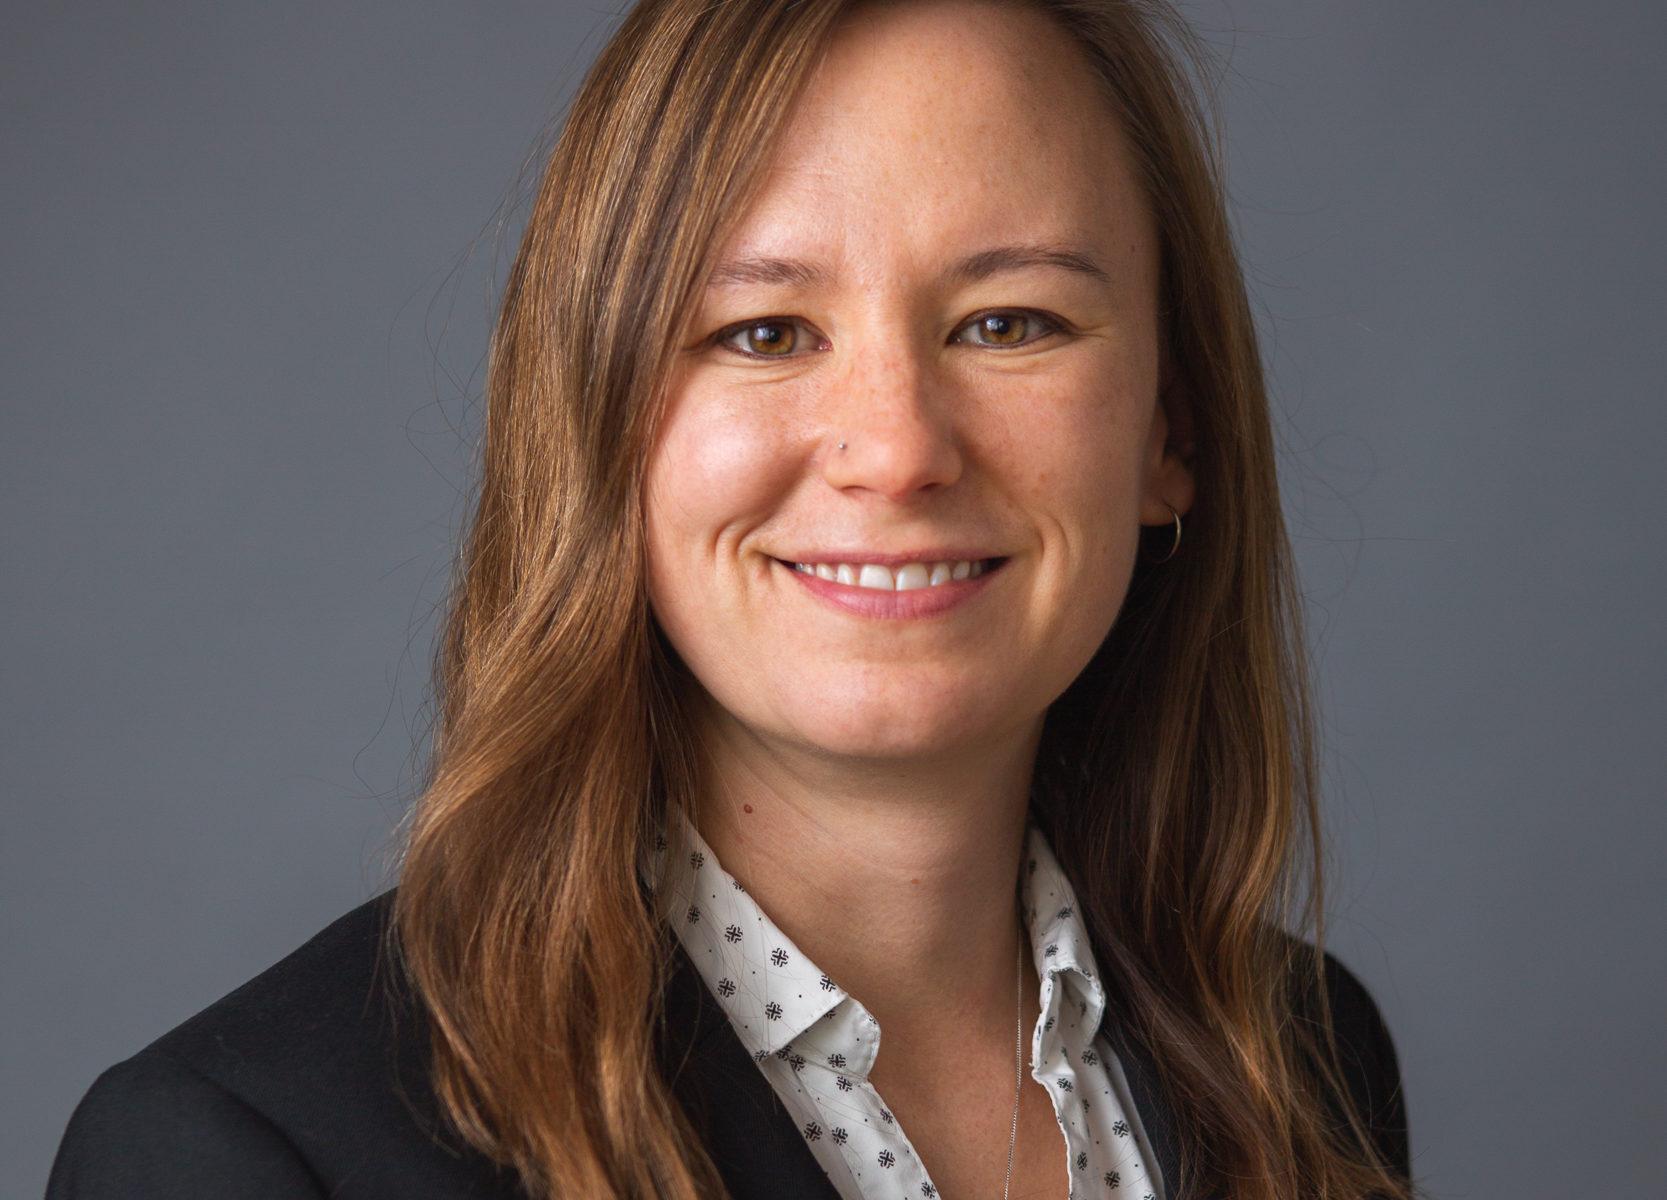 Julie Padowski